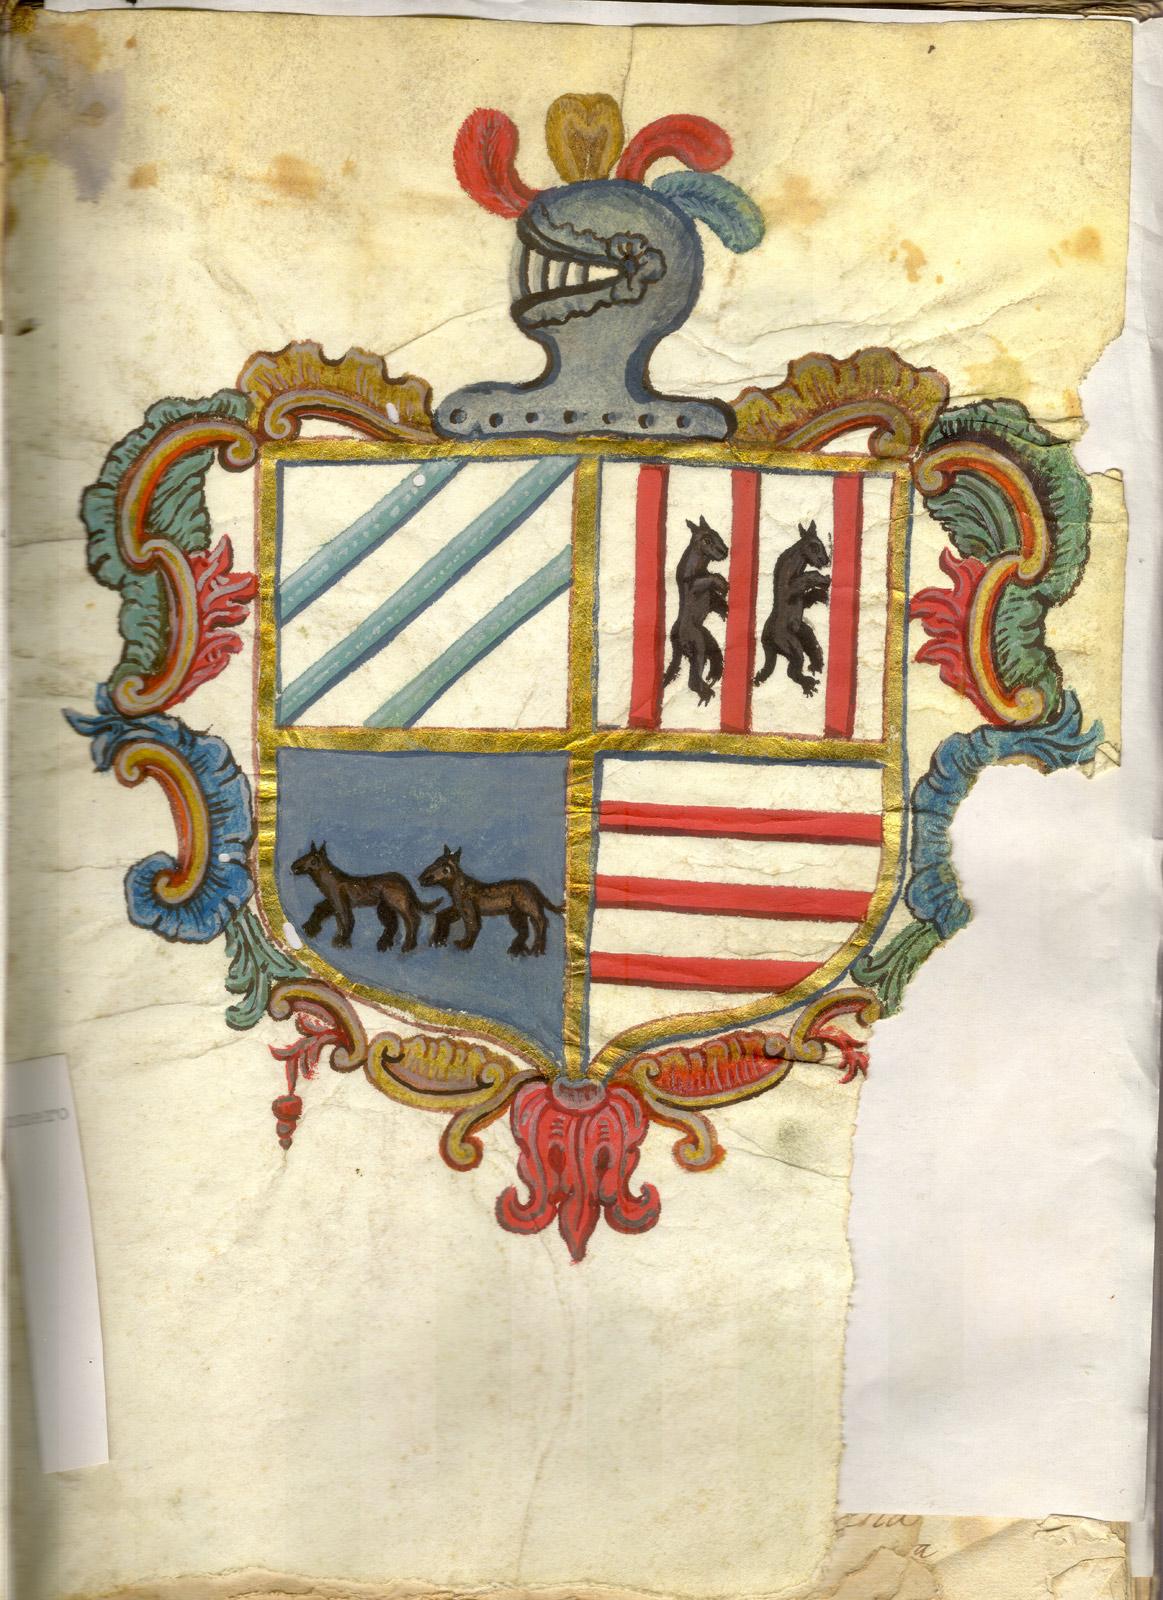 Escudo de Iturbide, Arregui, Alvarez de Eulate y Gastelu